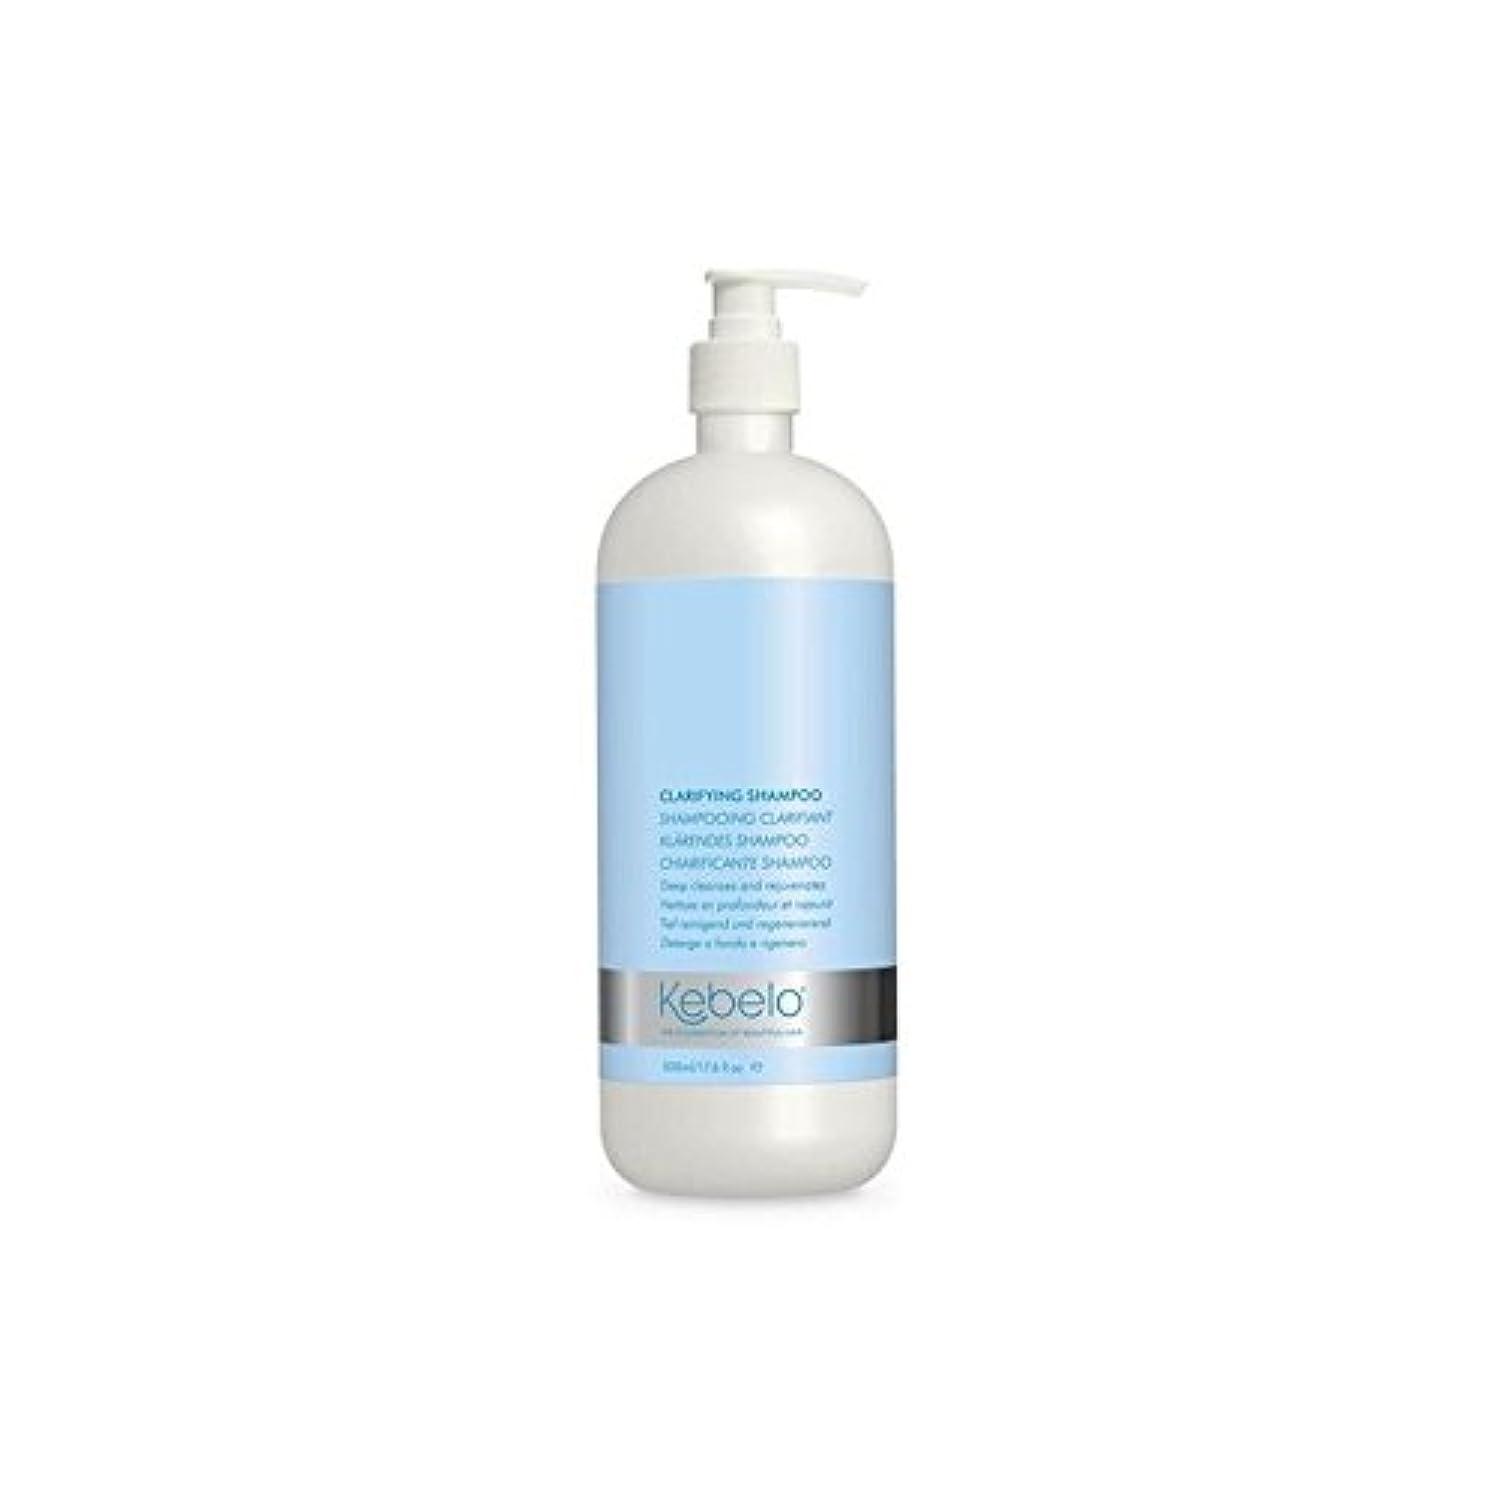 ジャンピングジャック注目すべきダイアクリティカルKebelo Clarifying Shampoo (500ml) - 明確化シャンプー(500ミリリットル) [並行輸入品]